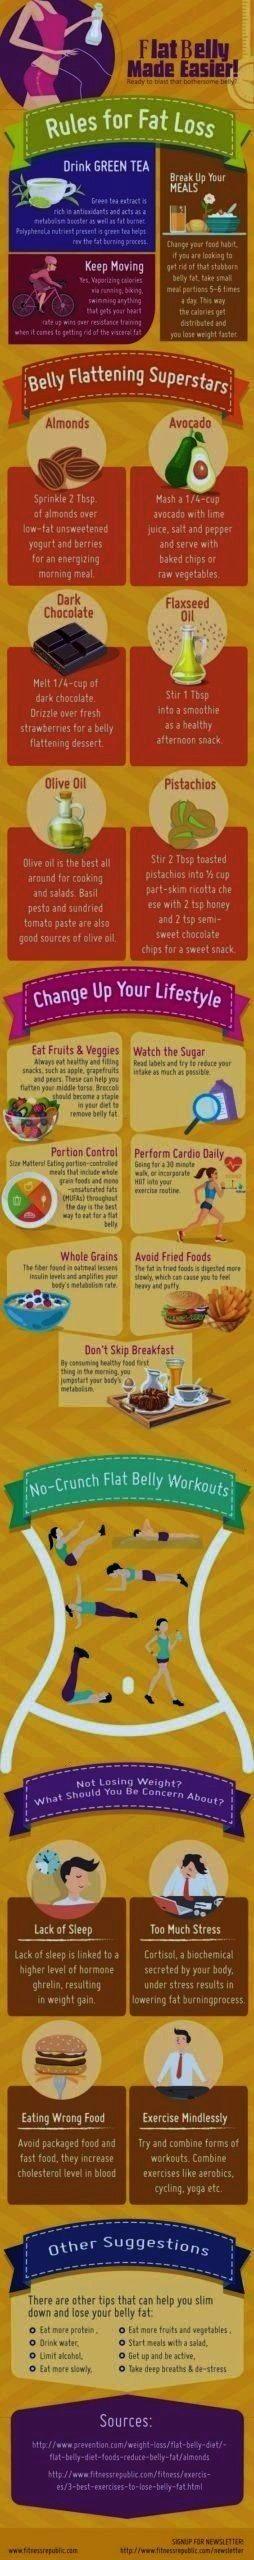 #professionnelle #dietmotivation #salutation #motivation #graphique #fitness #perfect #healthy #reci...